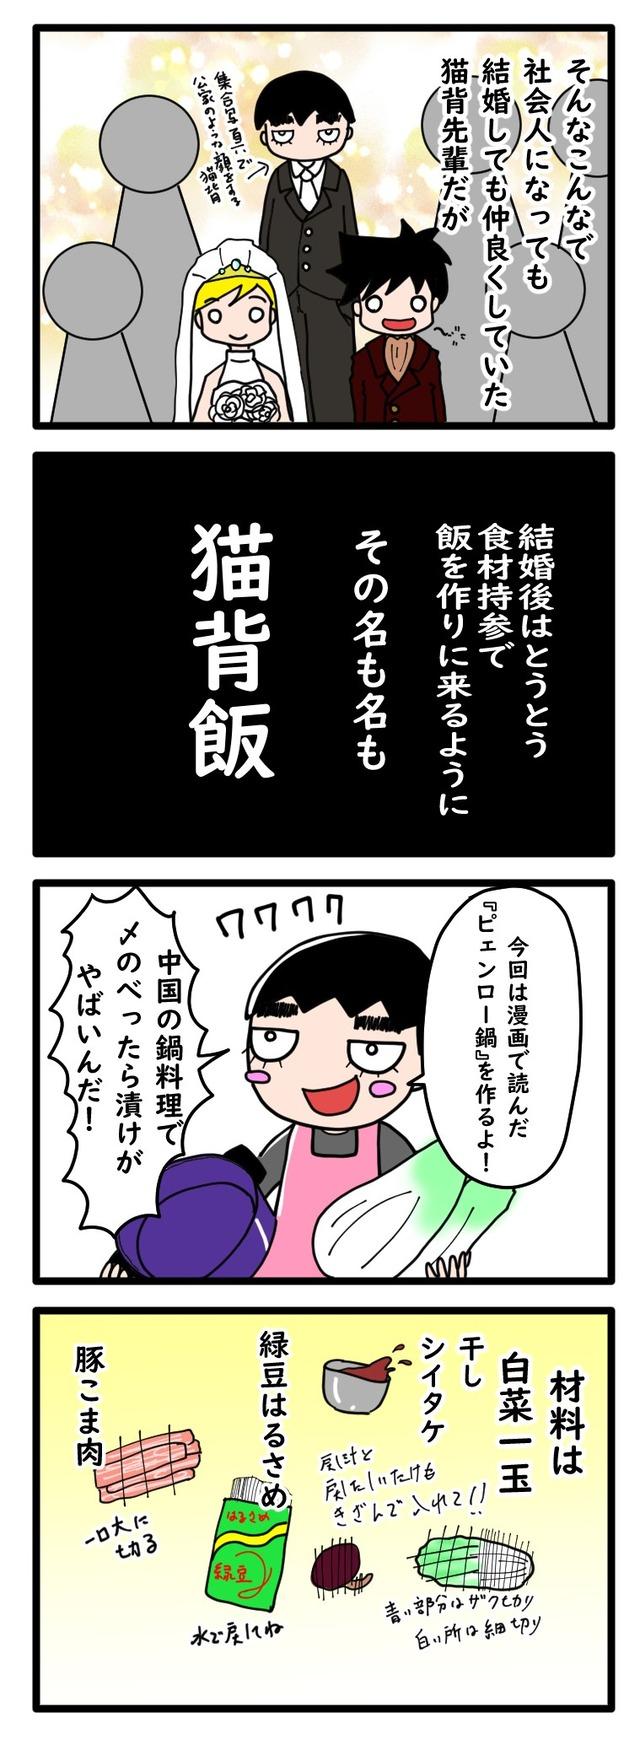 ピエンロー (2)